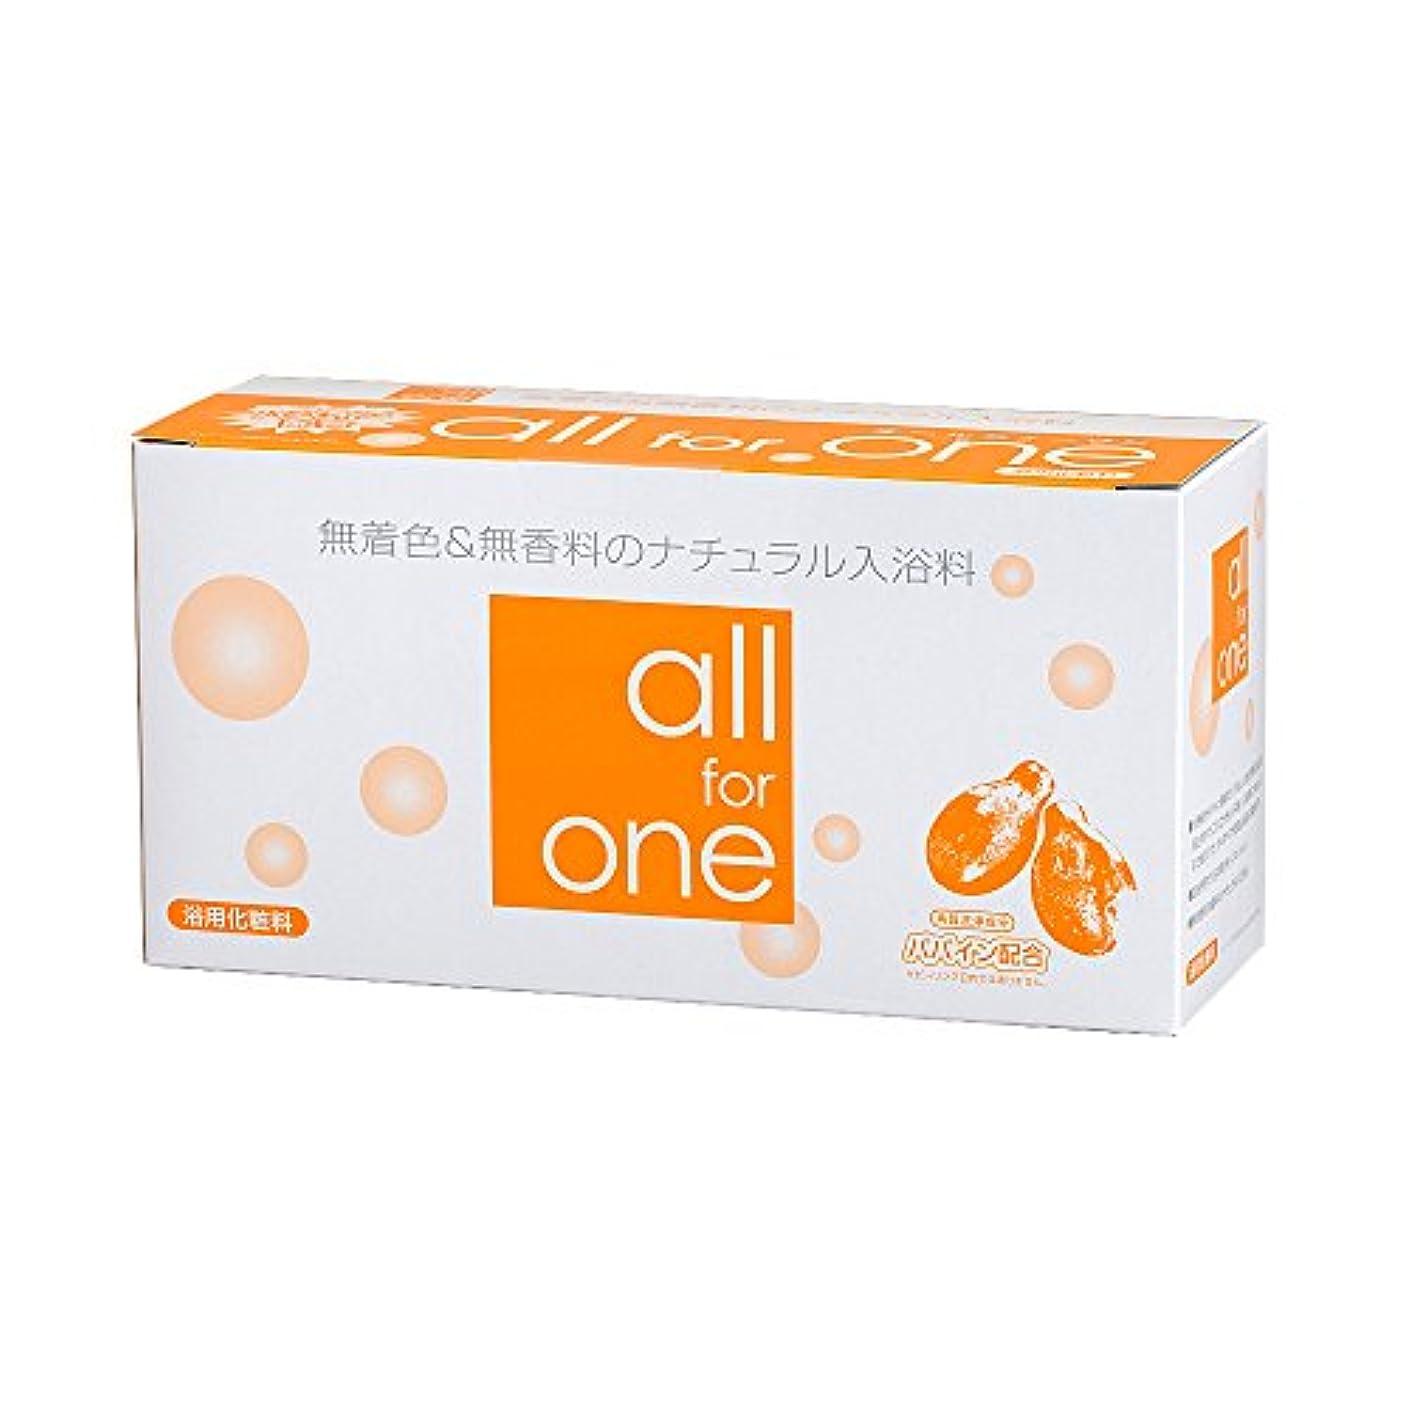 未使用従者一元化するパパイン酵素配合 無着色&無香料 ナチュラル入浴剤 all for one 30包